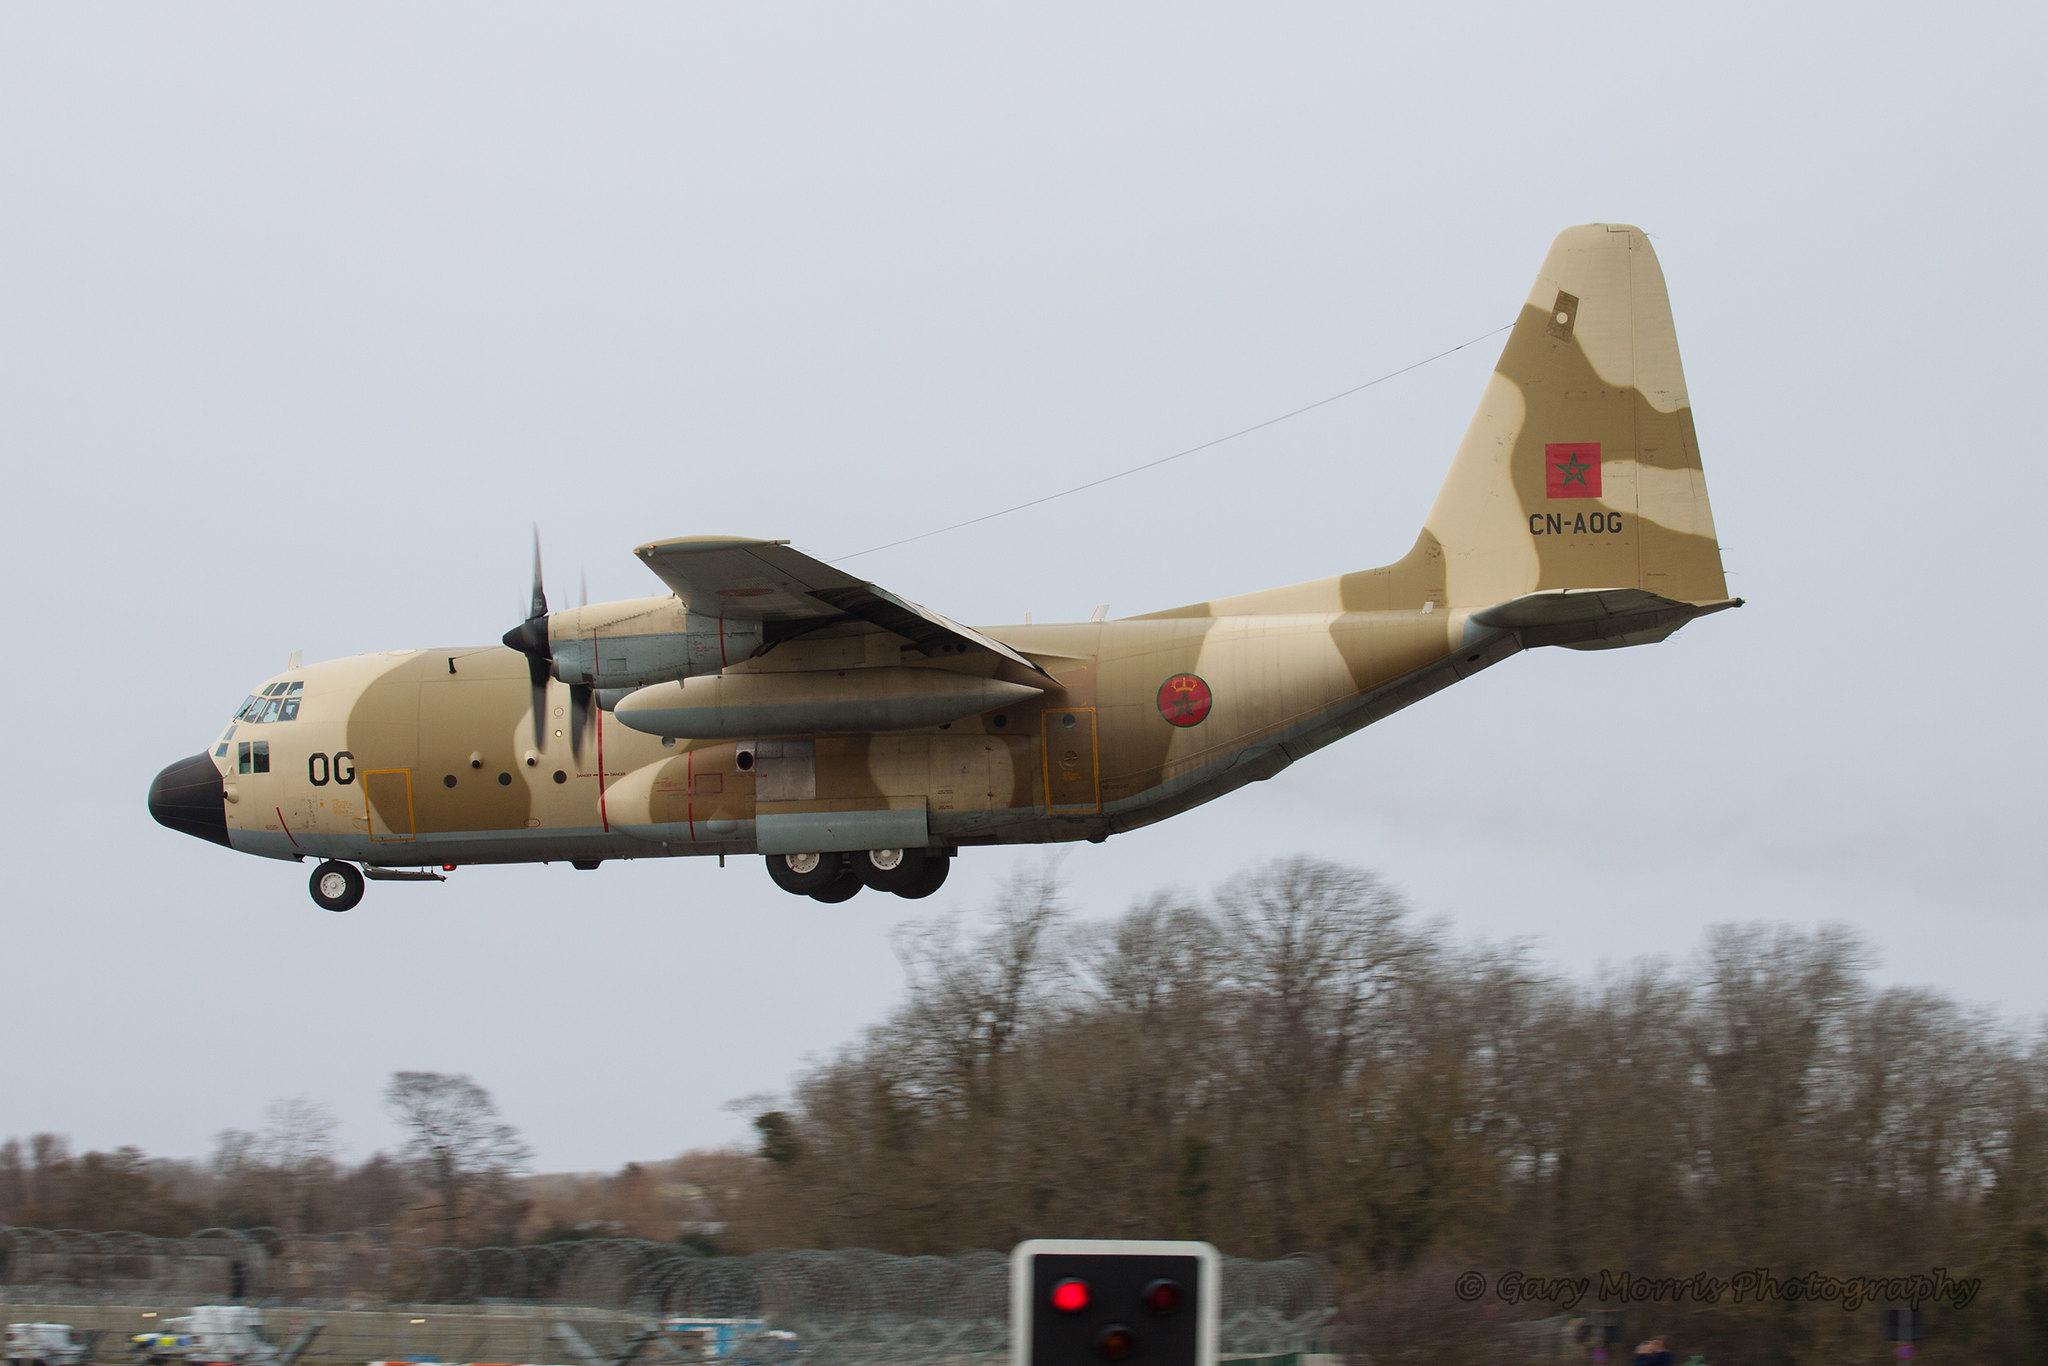 FRA: Photos d'avions de transport - Page 21 16684621251_472c6083a9_k